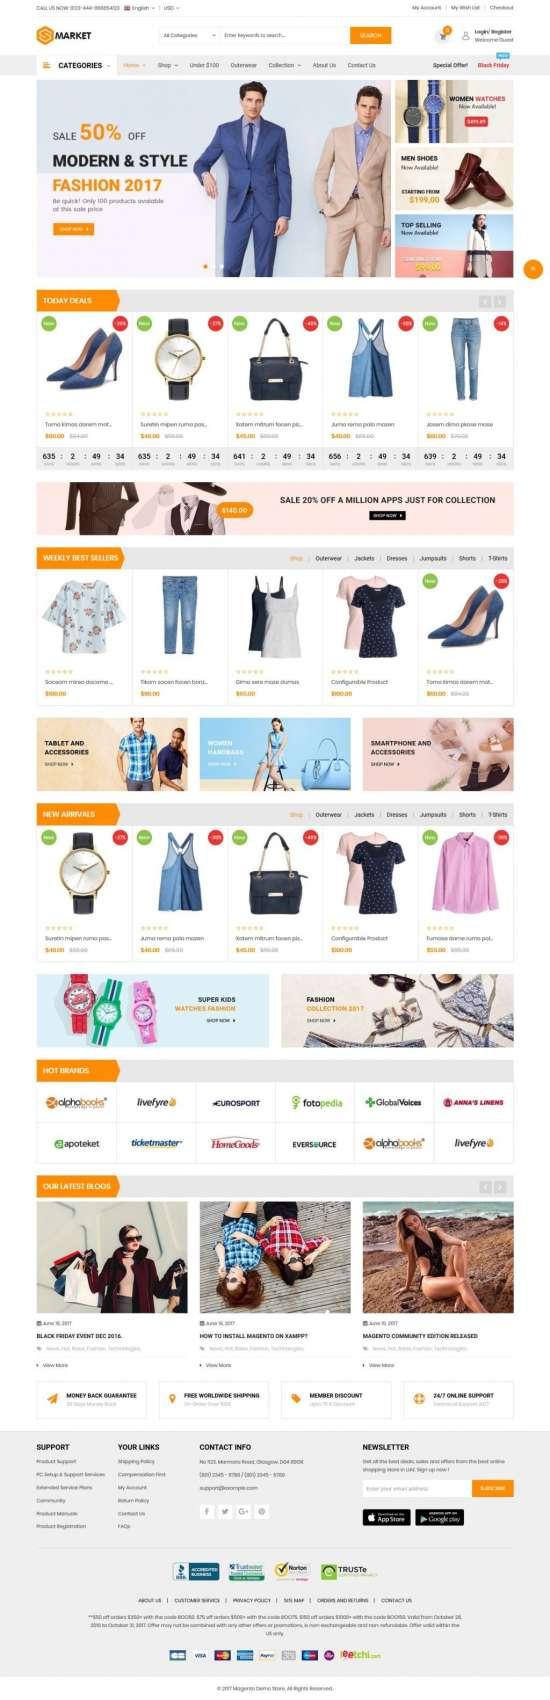 s market magento theme 01 550x1700 - S-Market Magento Theme